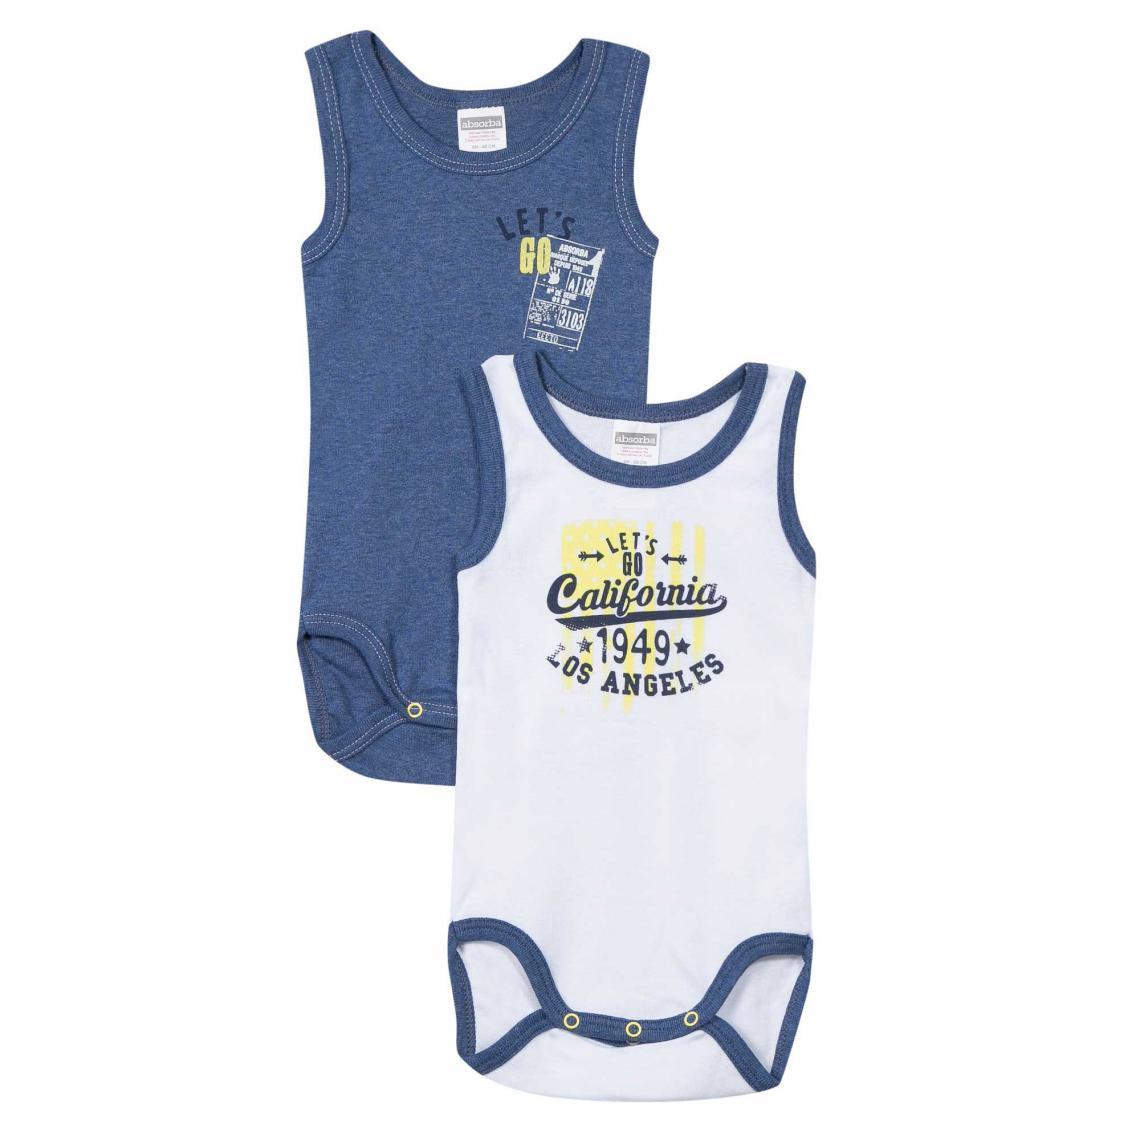 Lot de 2 bodies sans manches bébé garçon Absorba - Blanc - Bleu Absorba  Enfant 6a9510631b8